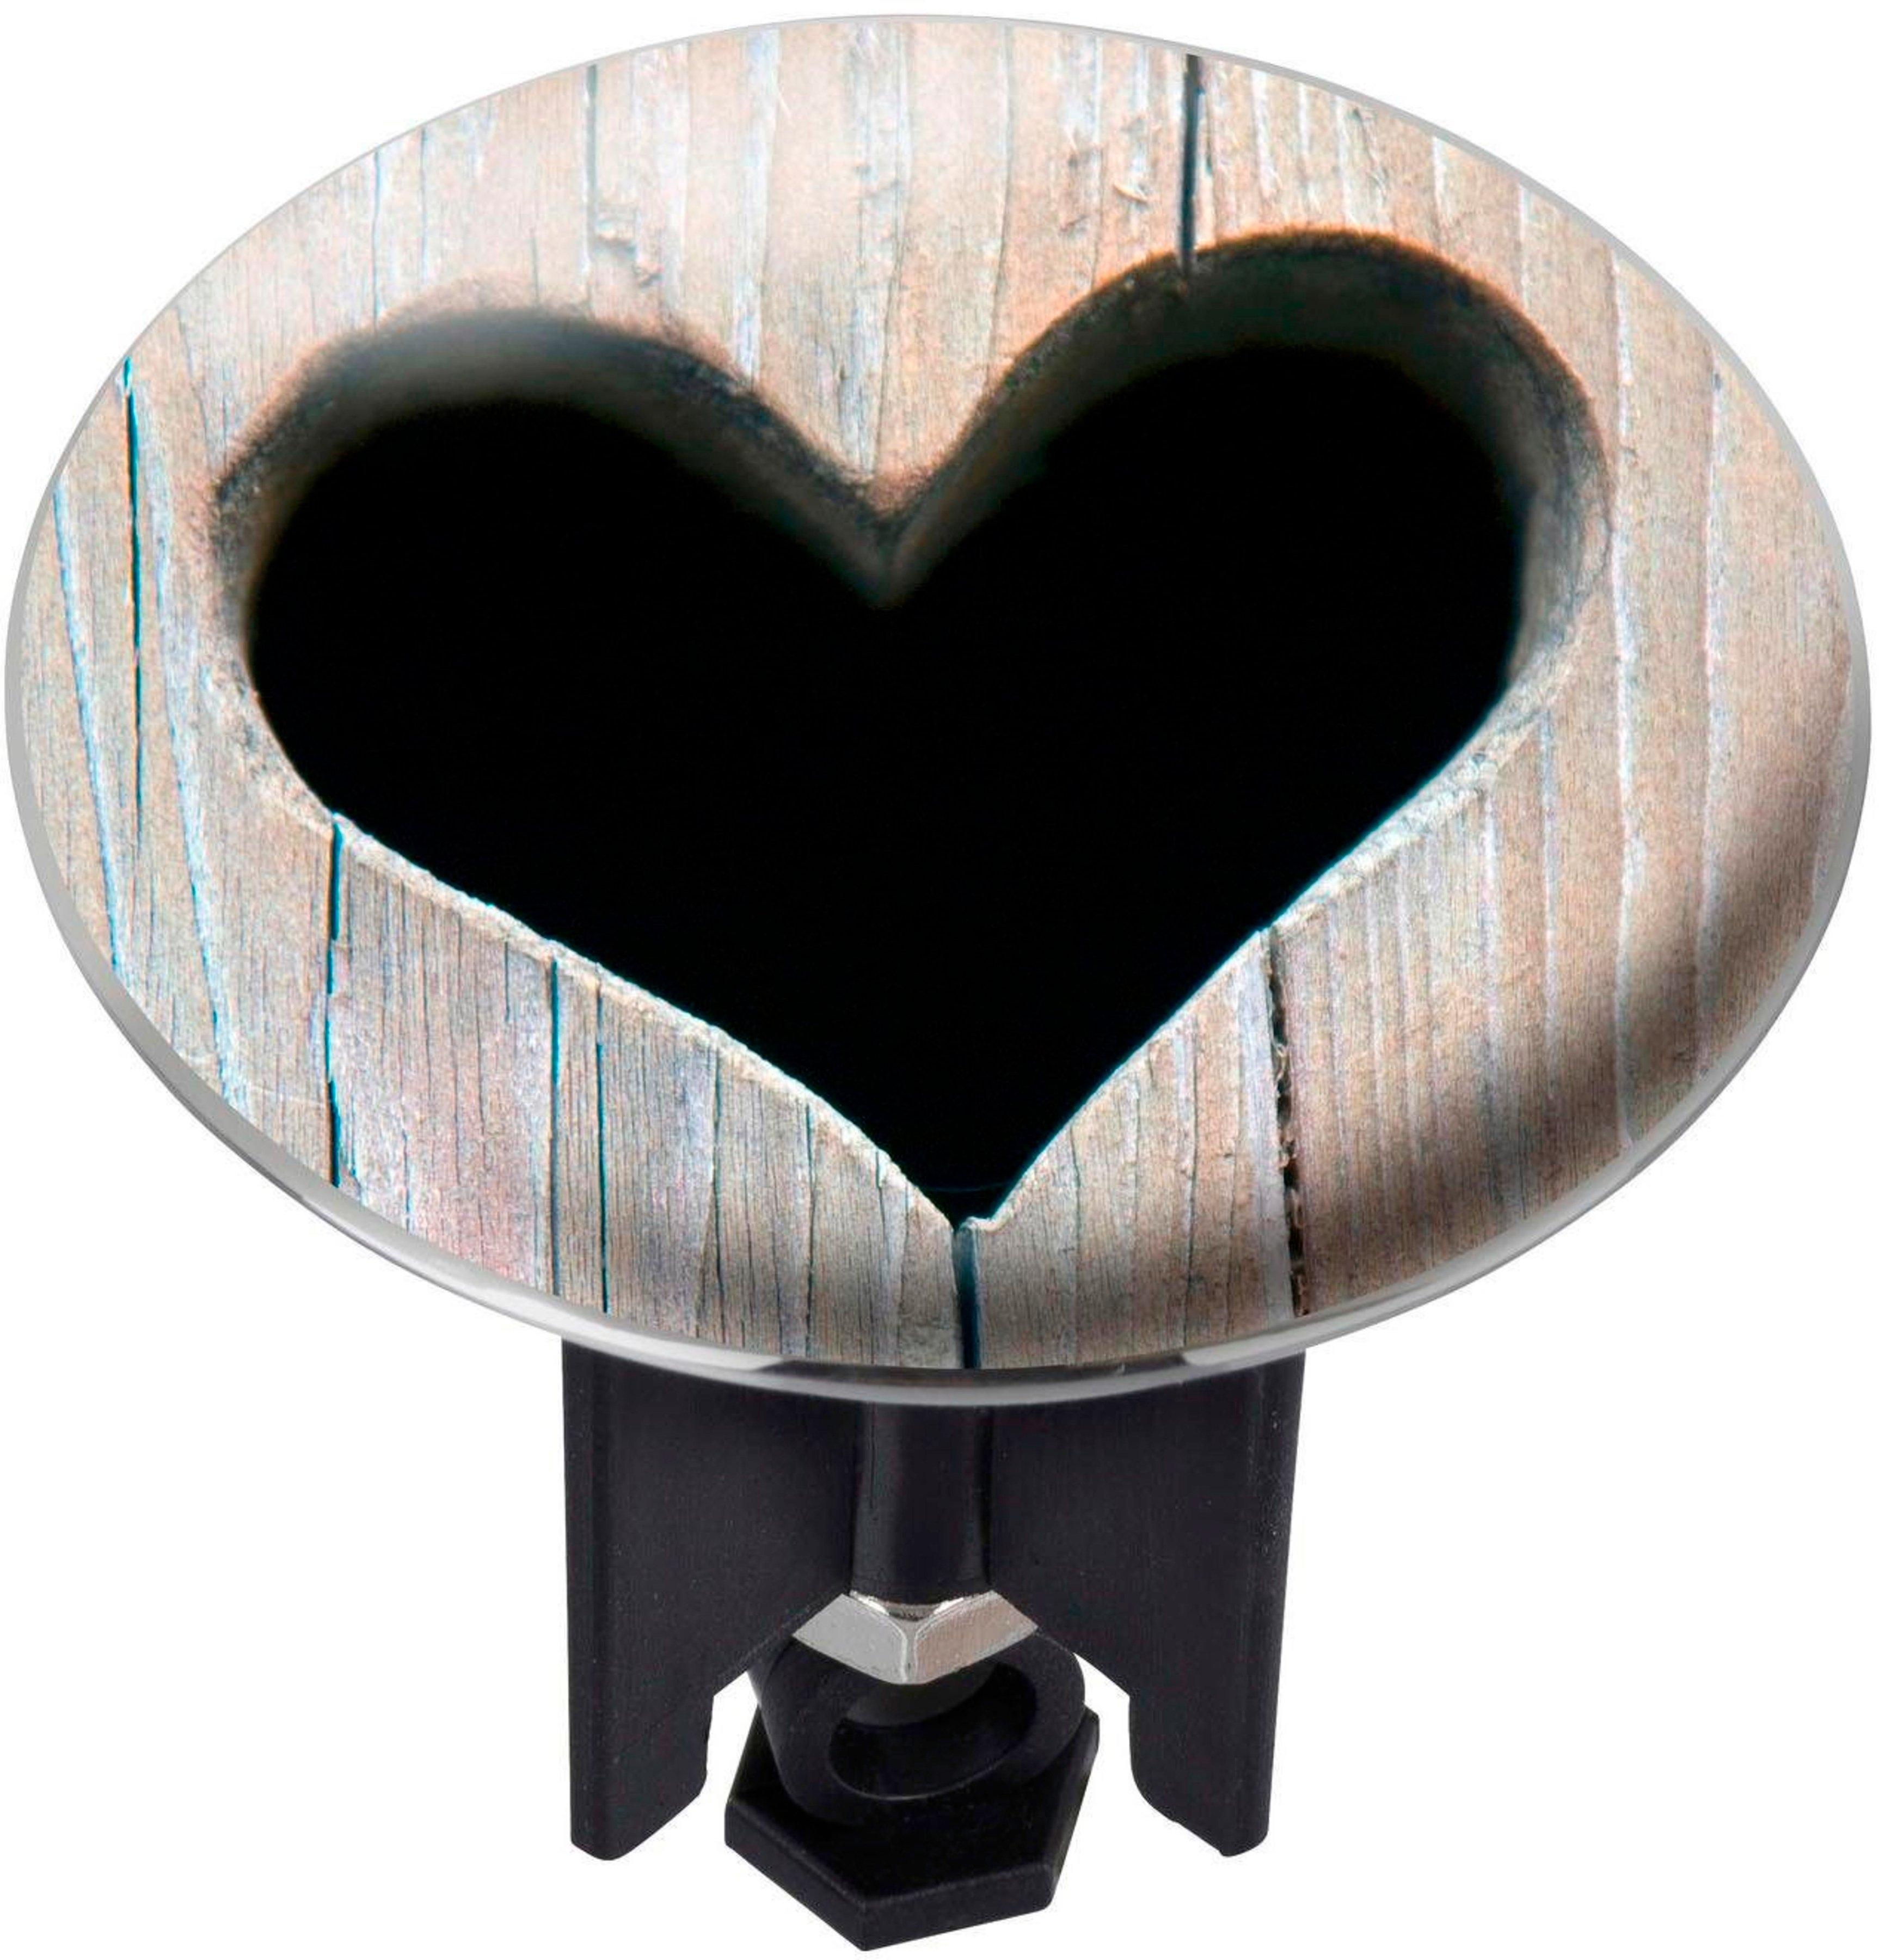 WENKO Wastafelplug Heart PLUGGY XL voordelig en veilig online kopen